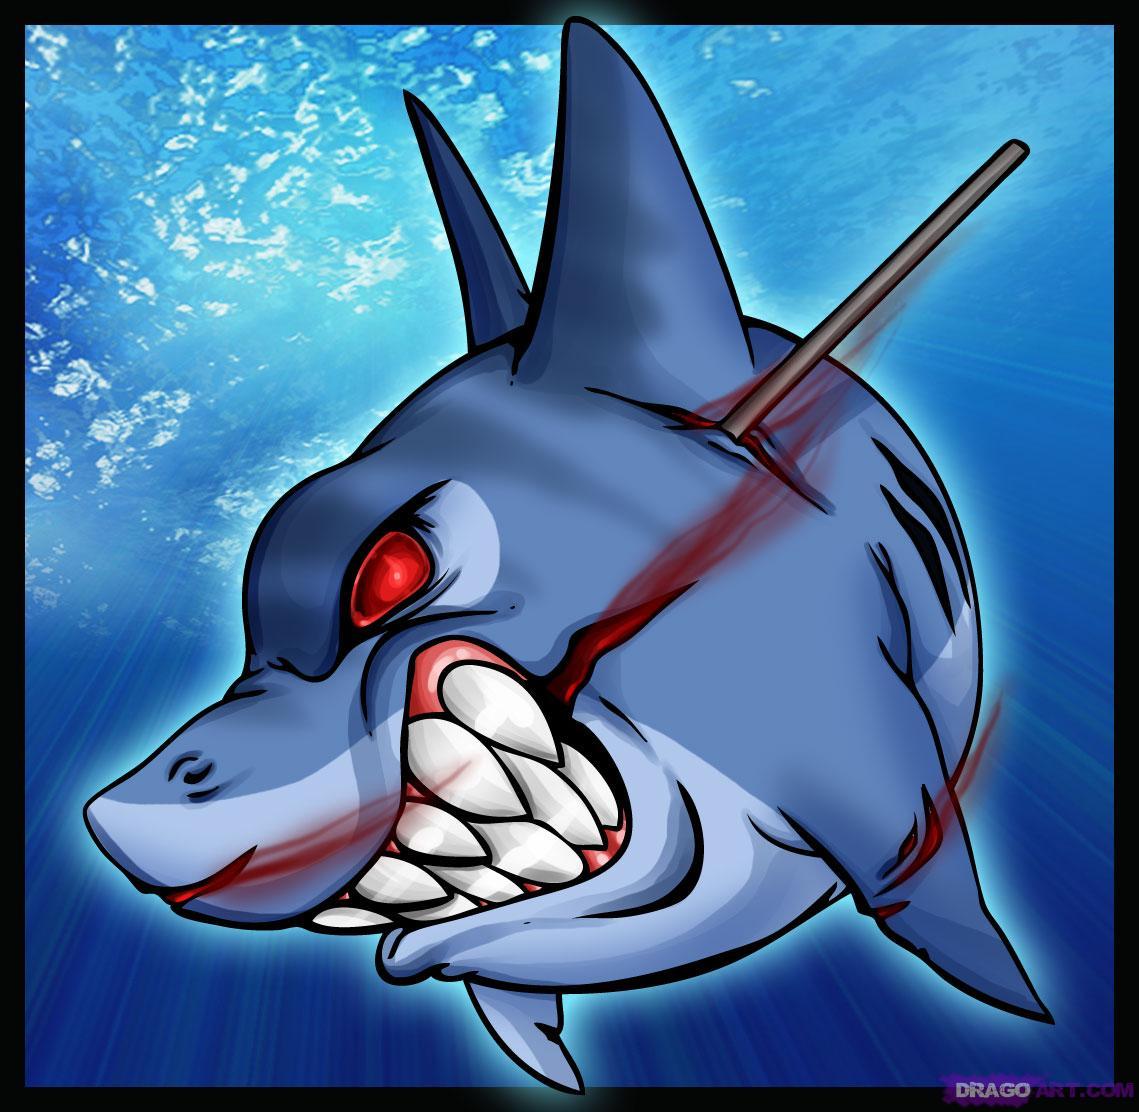 Drawn shark graffiti Step Draw by a Tattoo